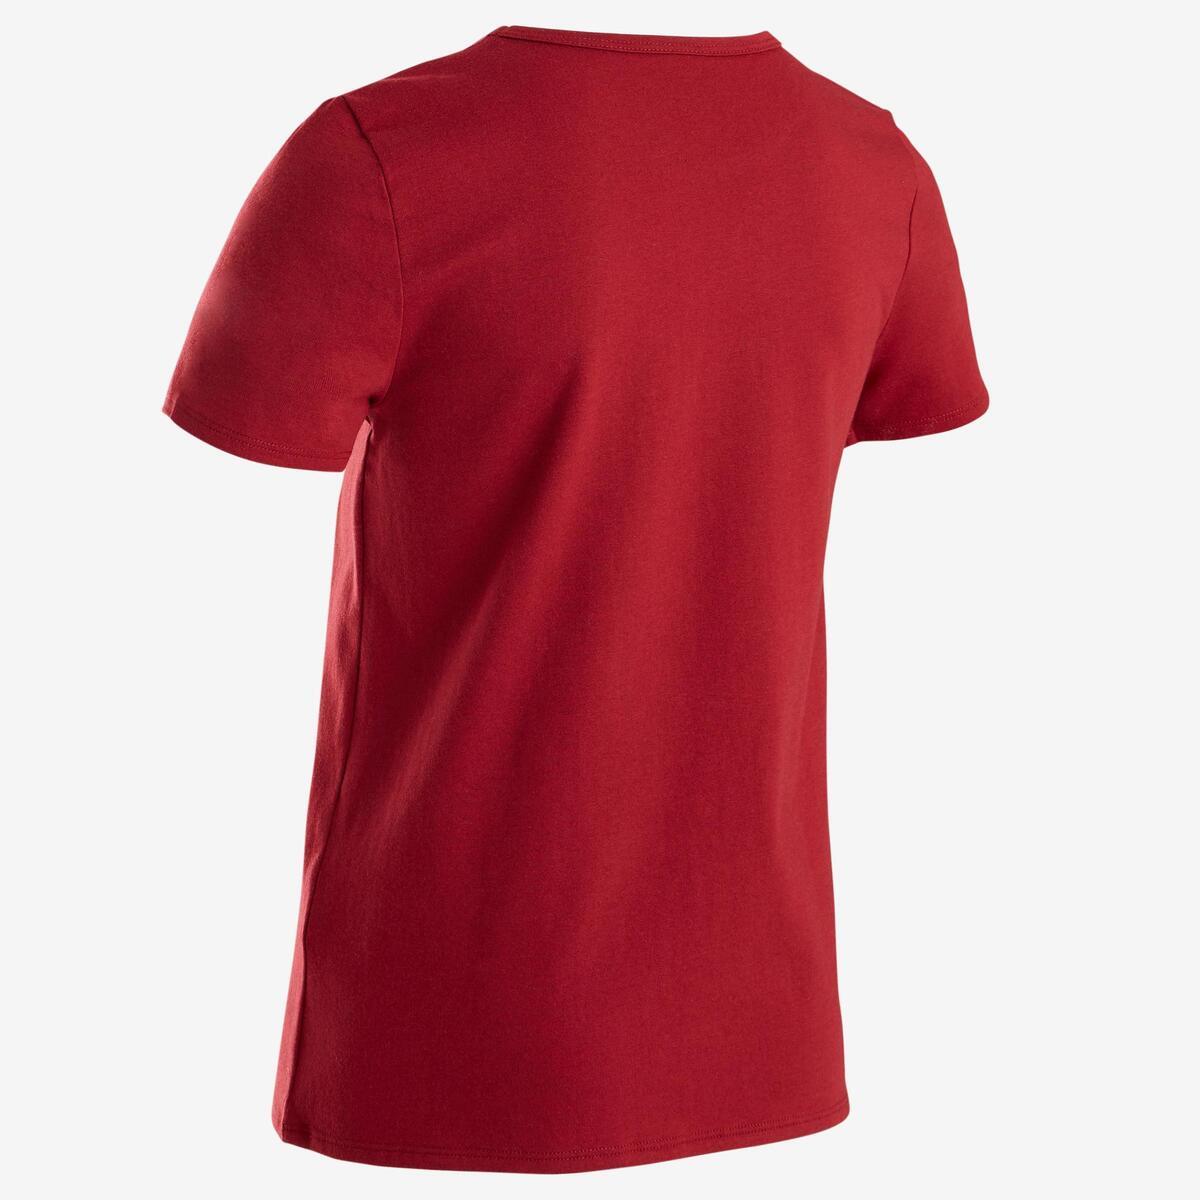 Bild 3 von T-Shirt 100 Gym Kinder rot mit Print